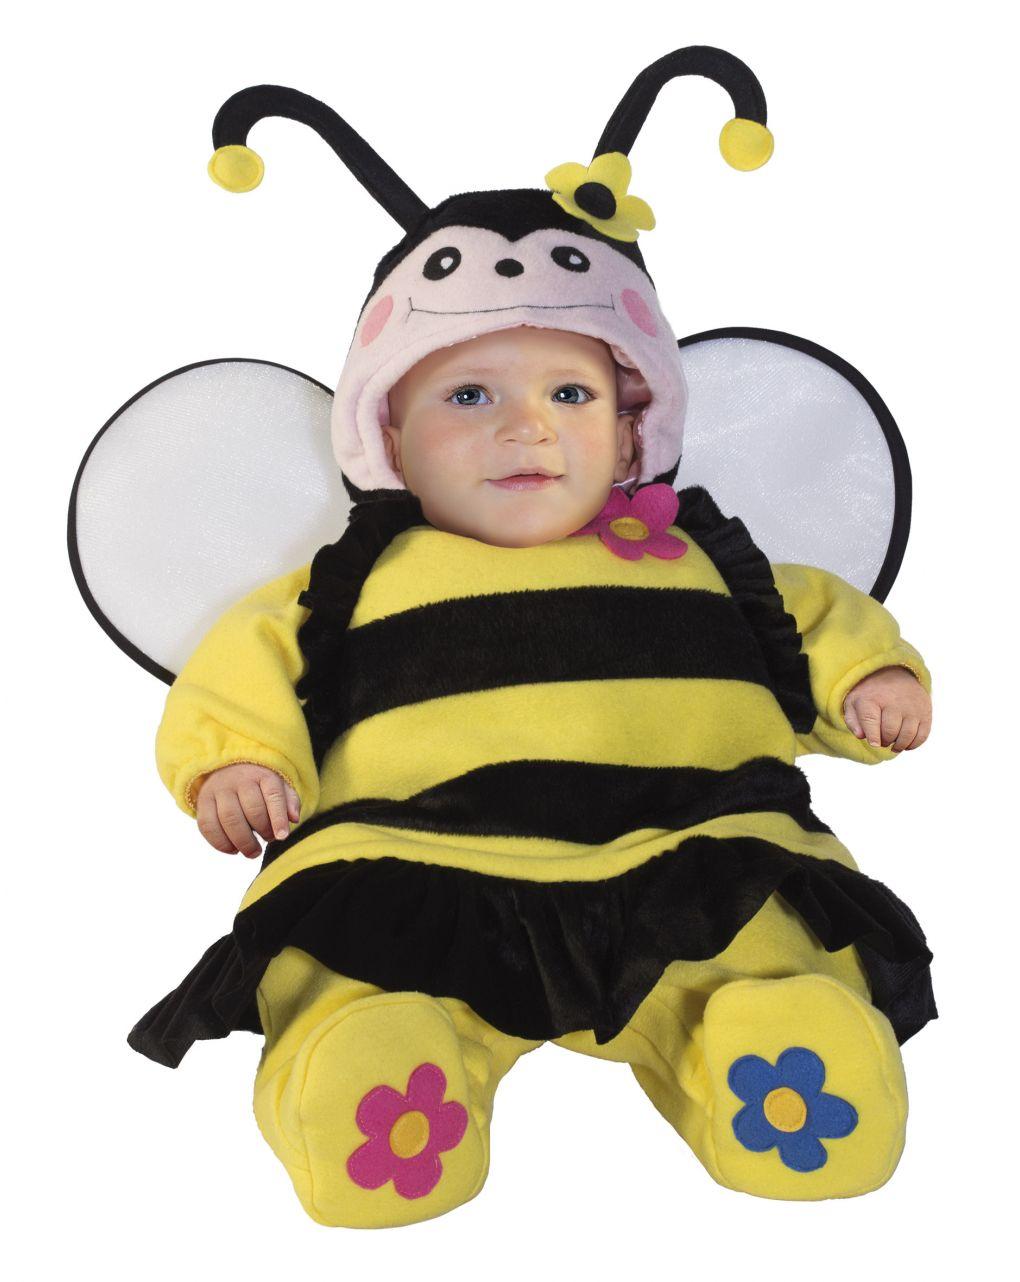 Costume apetta superbaby 6/9 mesi - Carnaval Queen